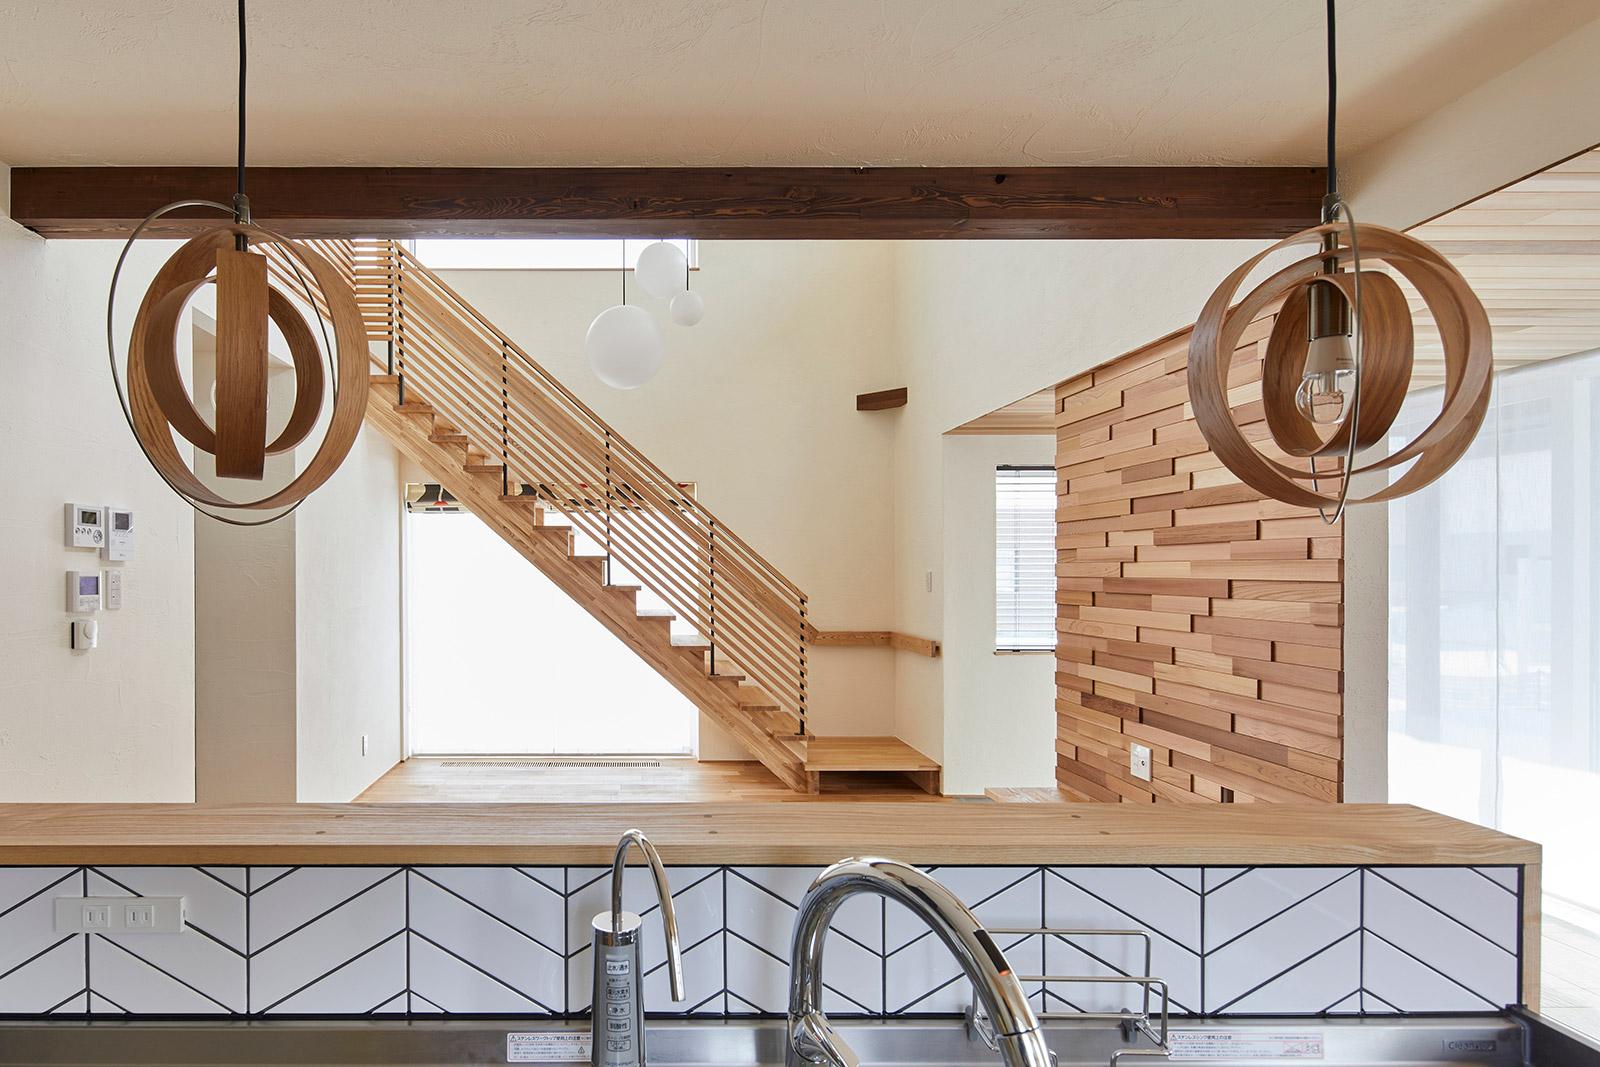 長い冬の暮らしも明るい気分で過ごせるよう、木質感あふれる空間を北欧デザインのインテリアで整えた